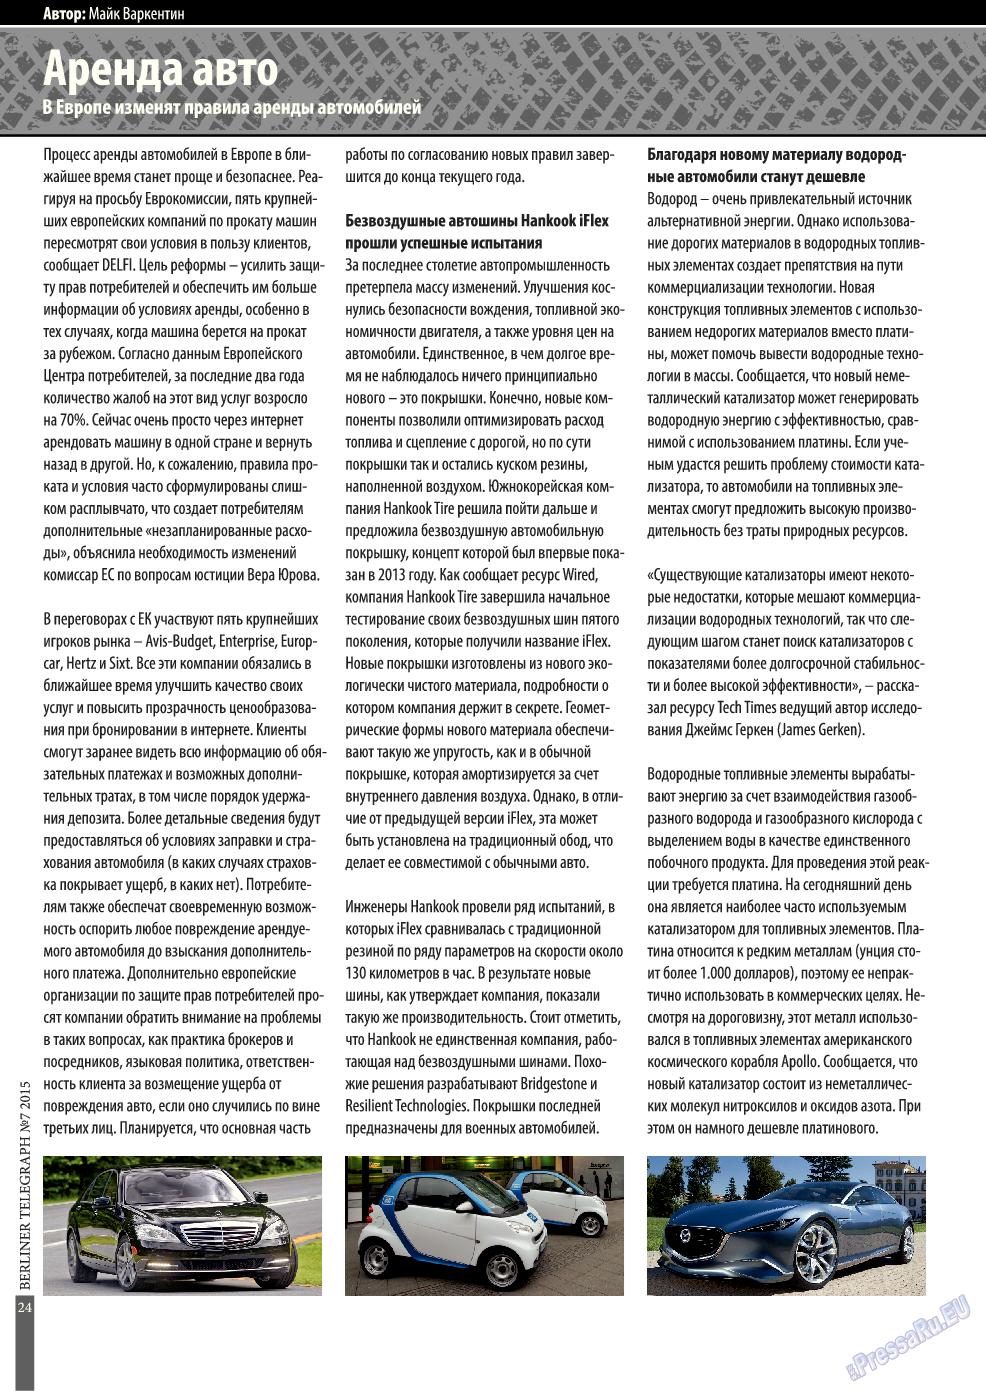 Берлинский телеграф (журнал). 2015 год, номер 8, стр. 24